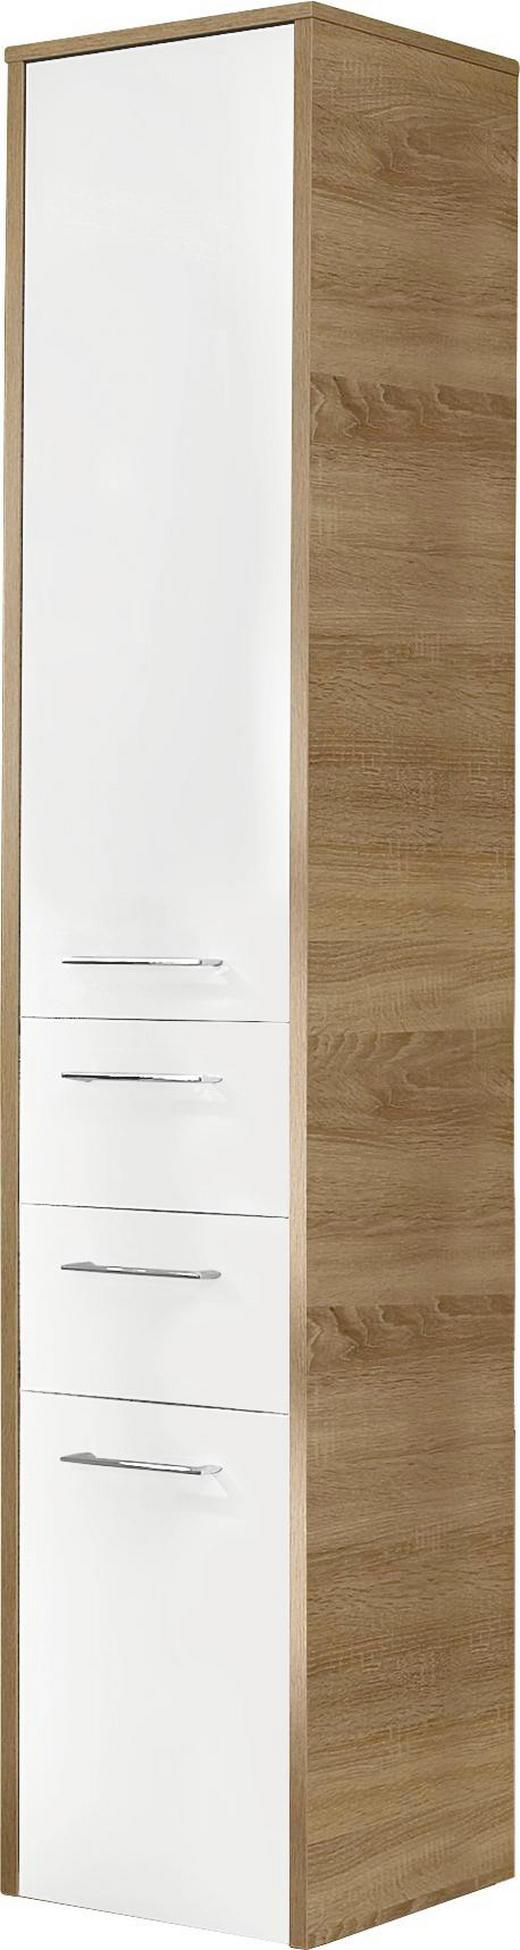 HOCHSCHRANK Weiß - Chromfarben/Eichefarben, Design, Glas/Holzwerkstoff (40,6/187/32,8cm) - XORA